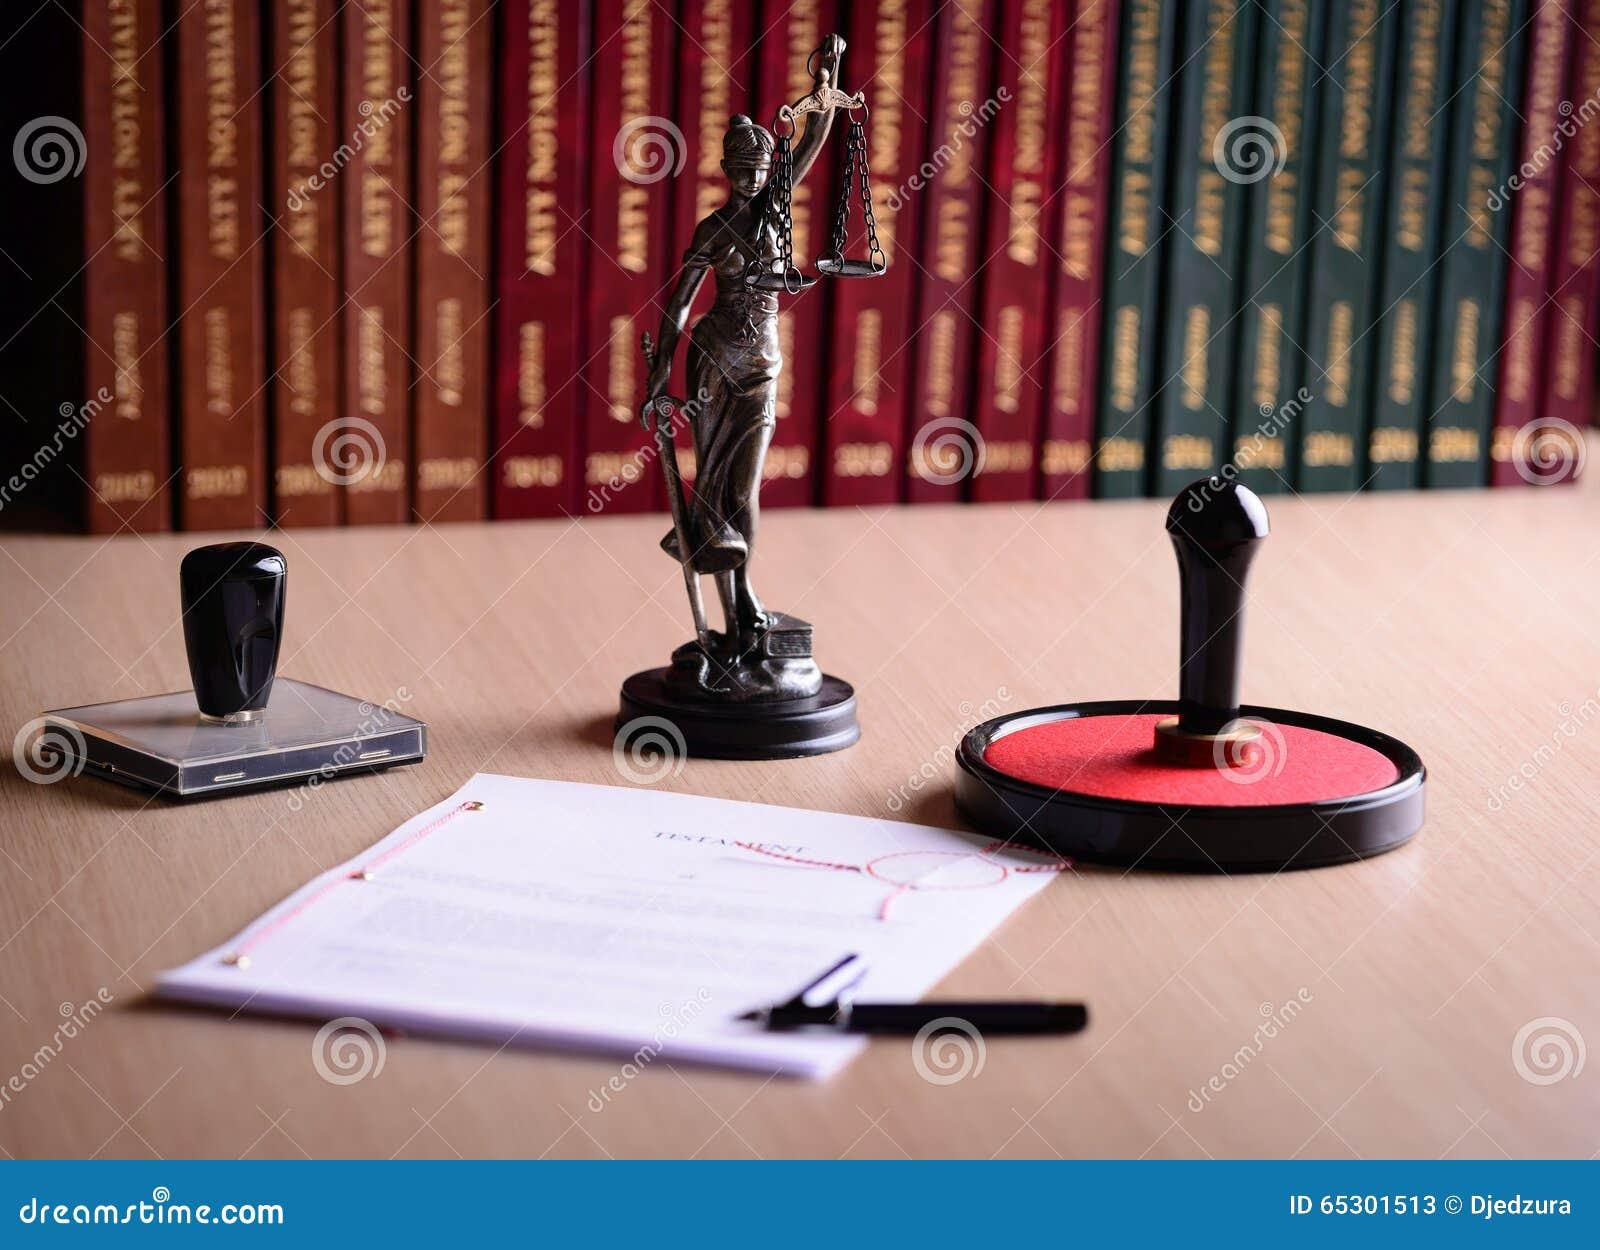 Έγγραφο που περιμένει ένα δημόσιο σημάδι συμβολαιογράφων στο γραφείο